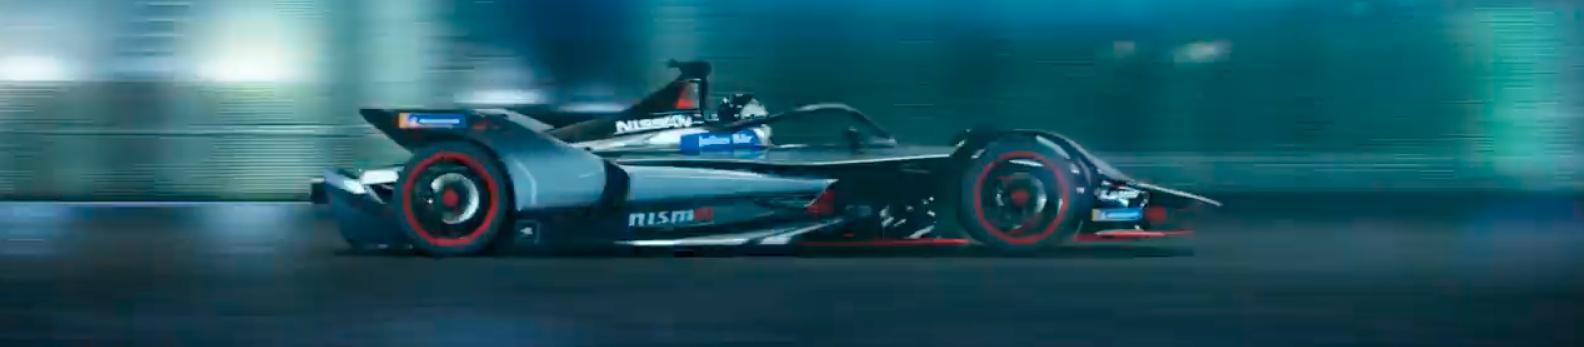 Nissan e.dams anunció a Sebastien Buemi y a Alex Albon como sus pilotos para competir en la Fórmula E